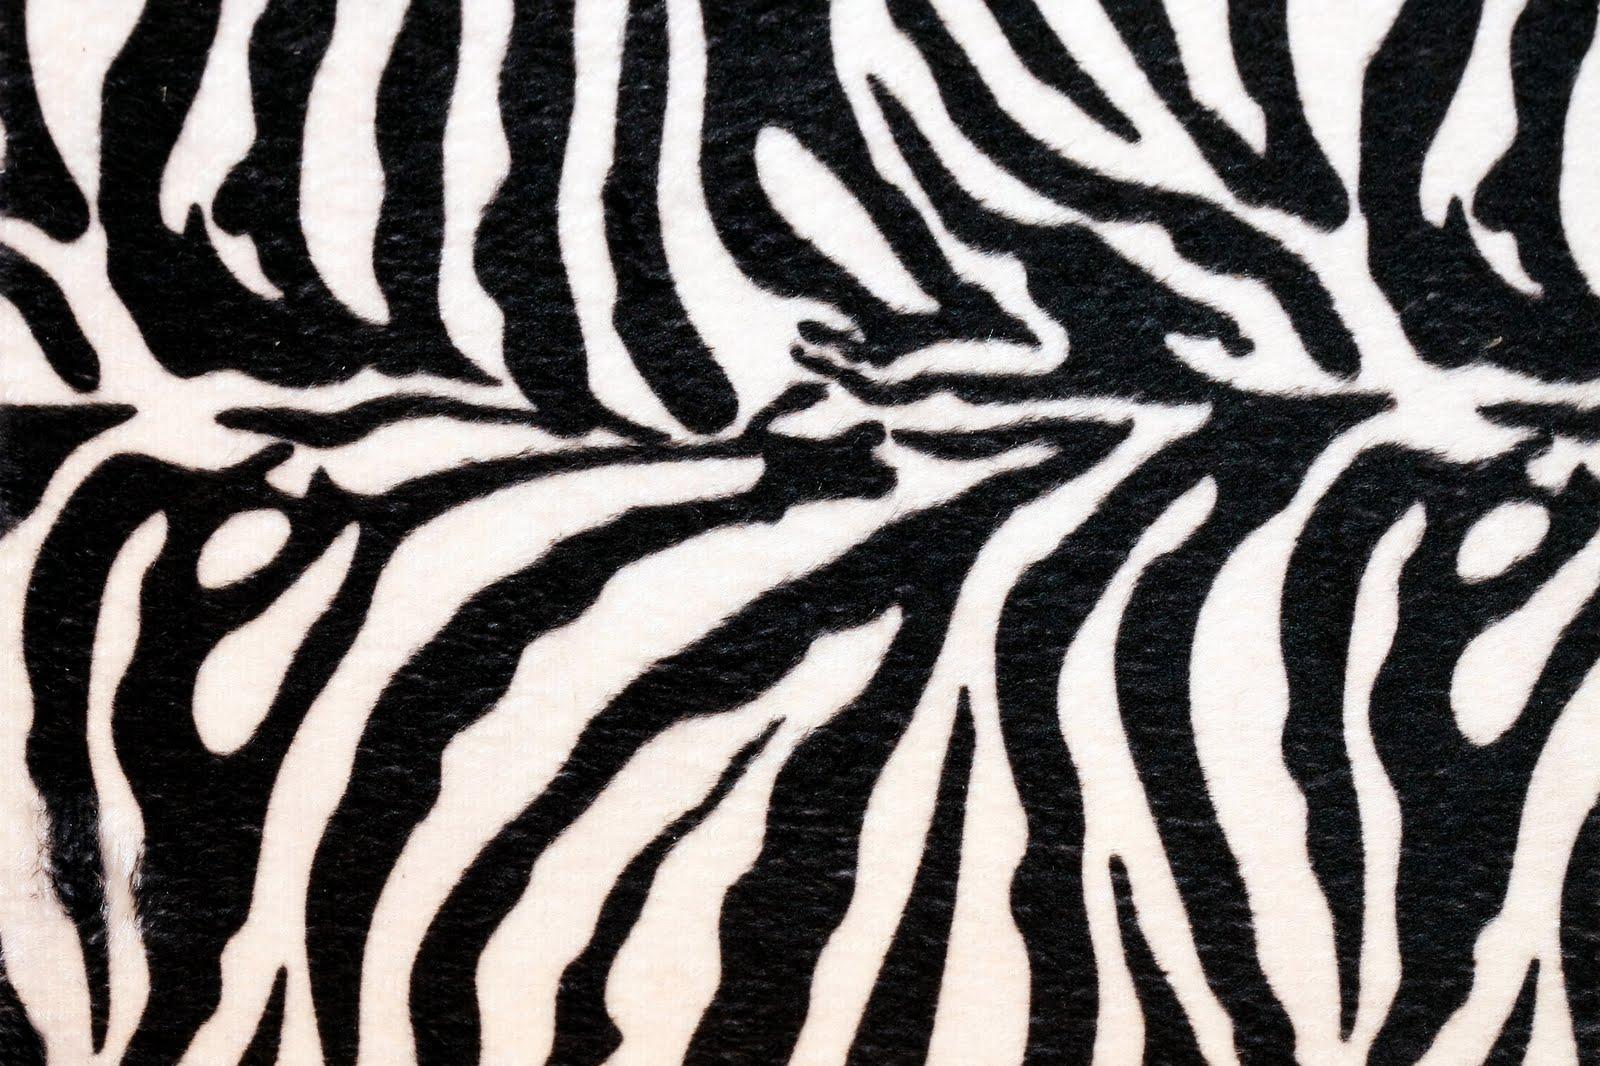 http://4.bp.blogspot.com/-IvwmCSa5L_A/Tg-GC2UT9PI/AAAAAAAAGEE/F9GmfL3EFPw/s1600/zebra%2Bprint%2Bwallpaper-2.jpg